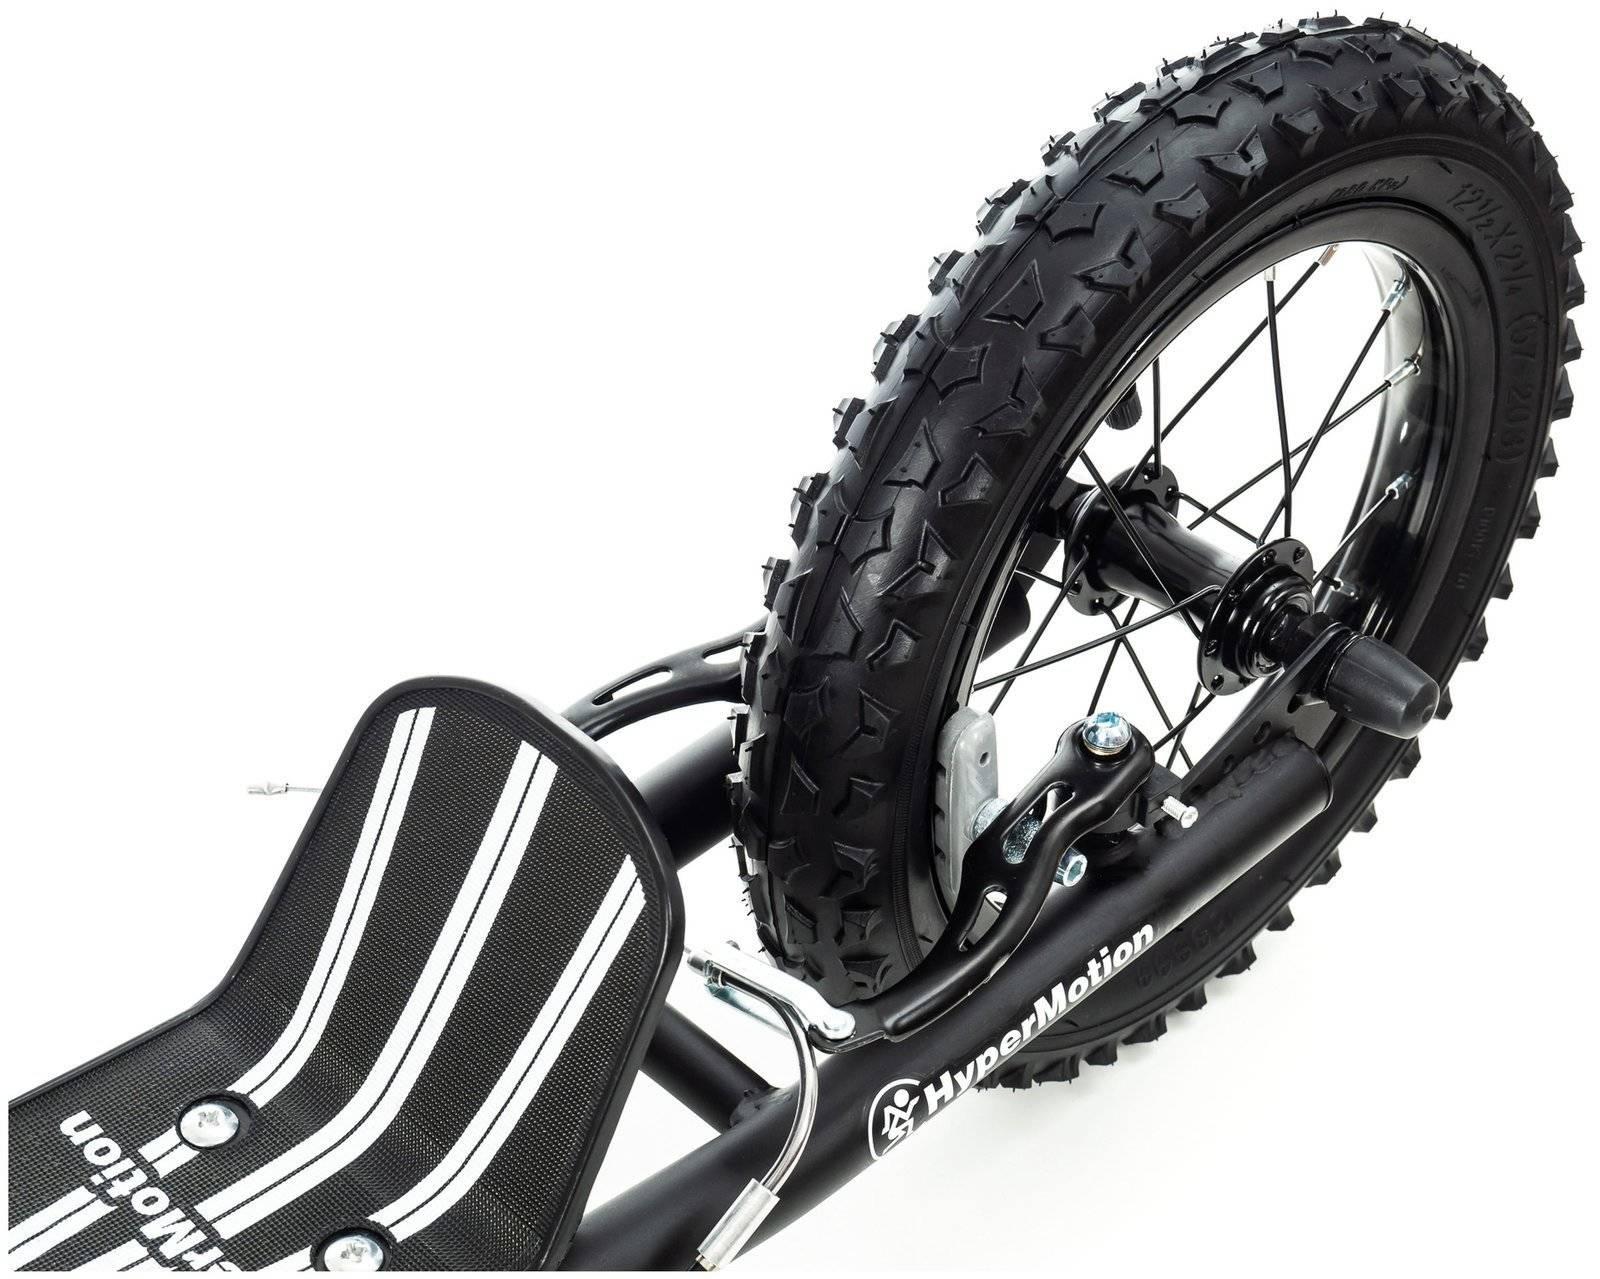 Hulajnoga HyperMotion VIVA 16 (koła 40cm + 30cm) - Czarna